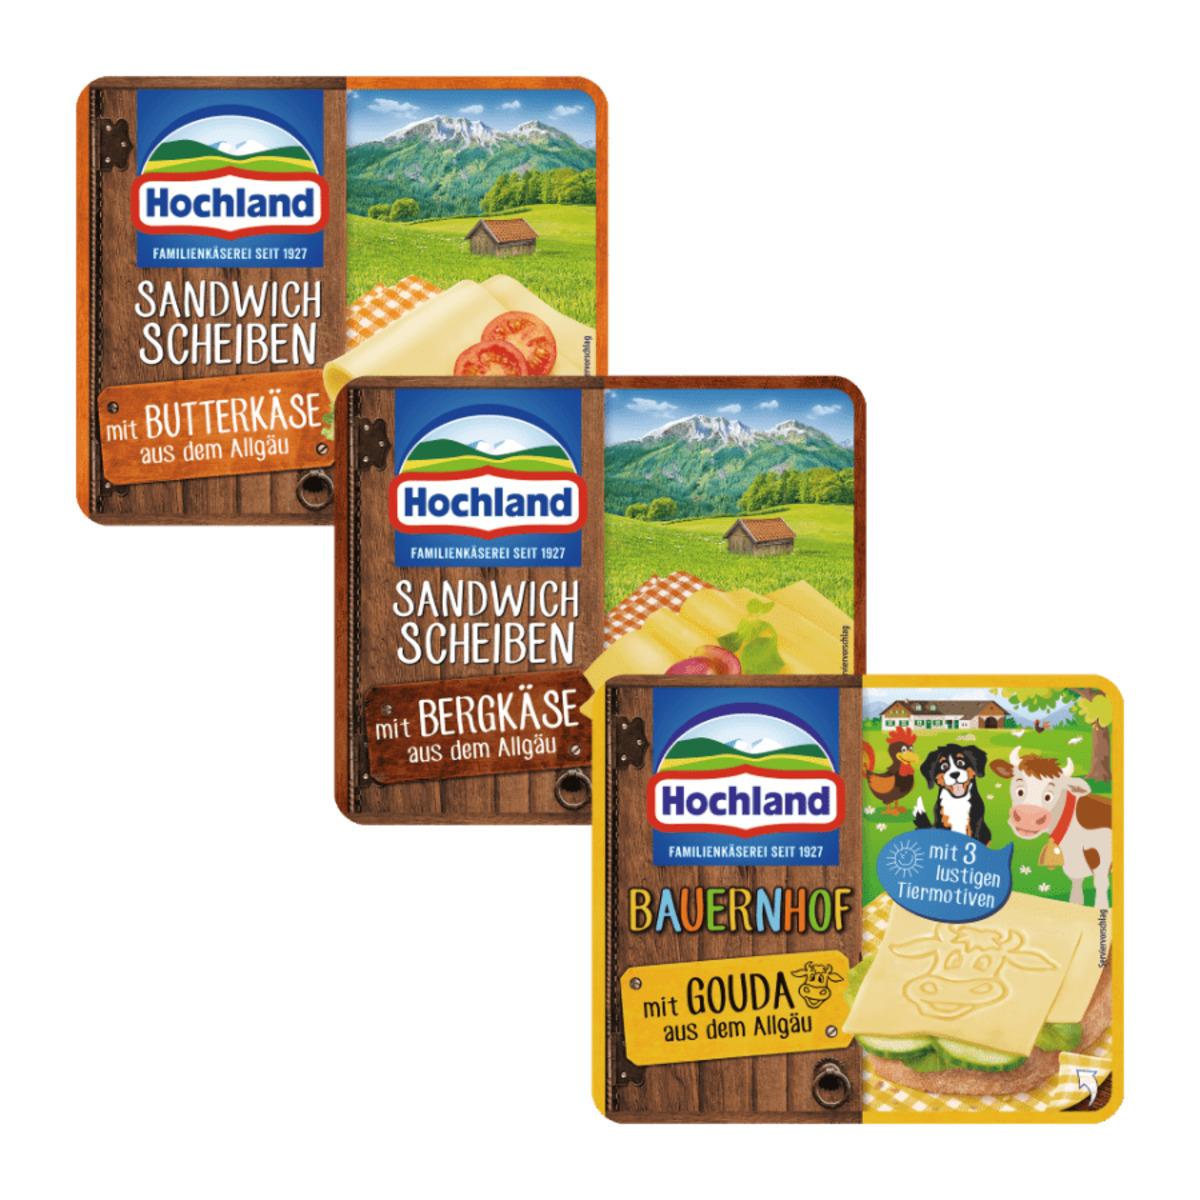 Bild 1 von Hochland Sandwich Scheiben